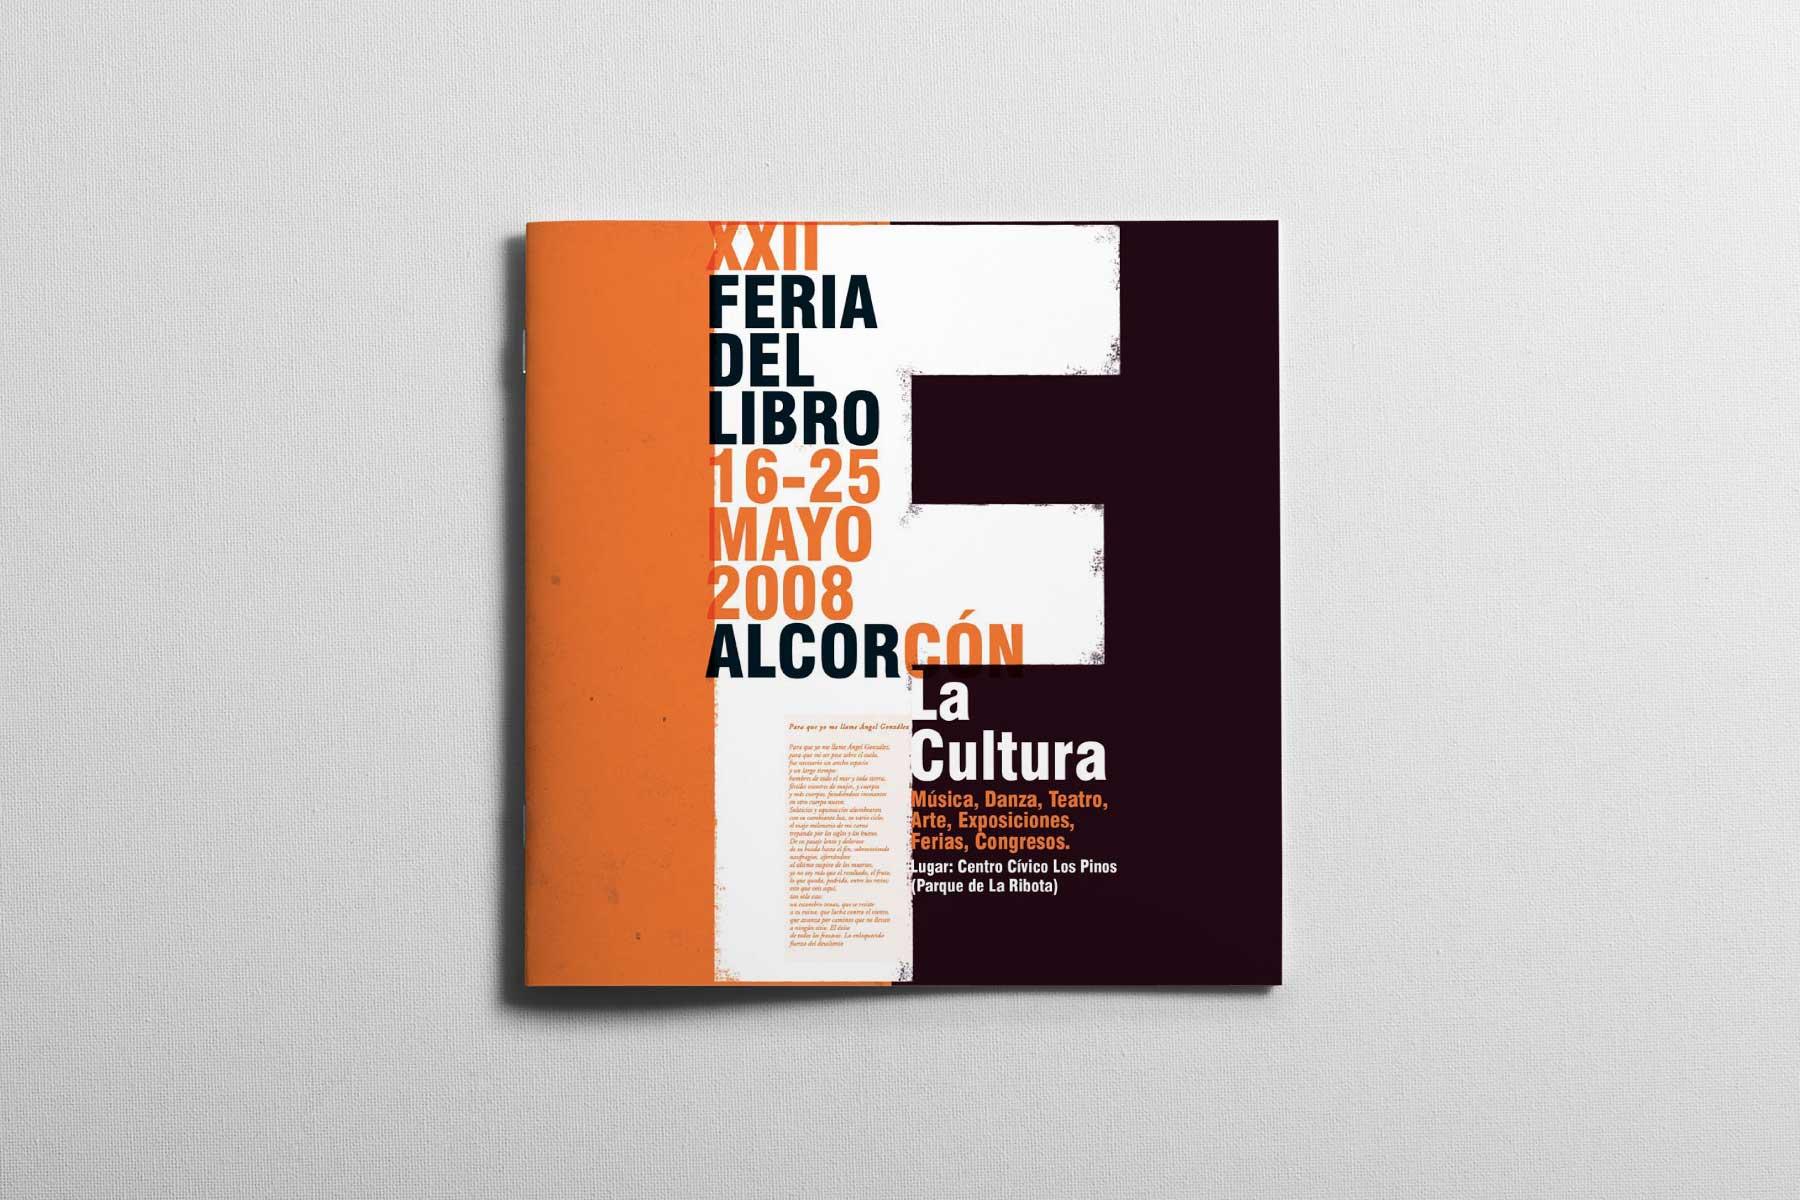 feria_libro08_04